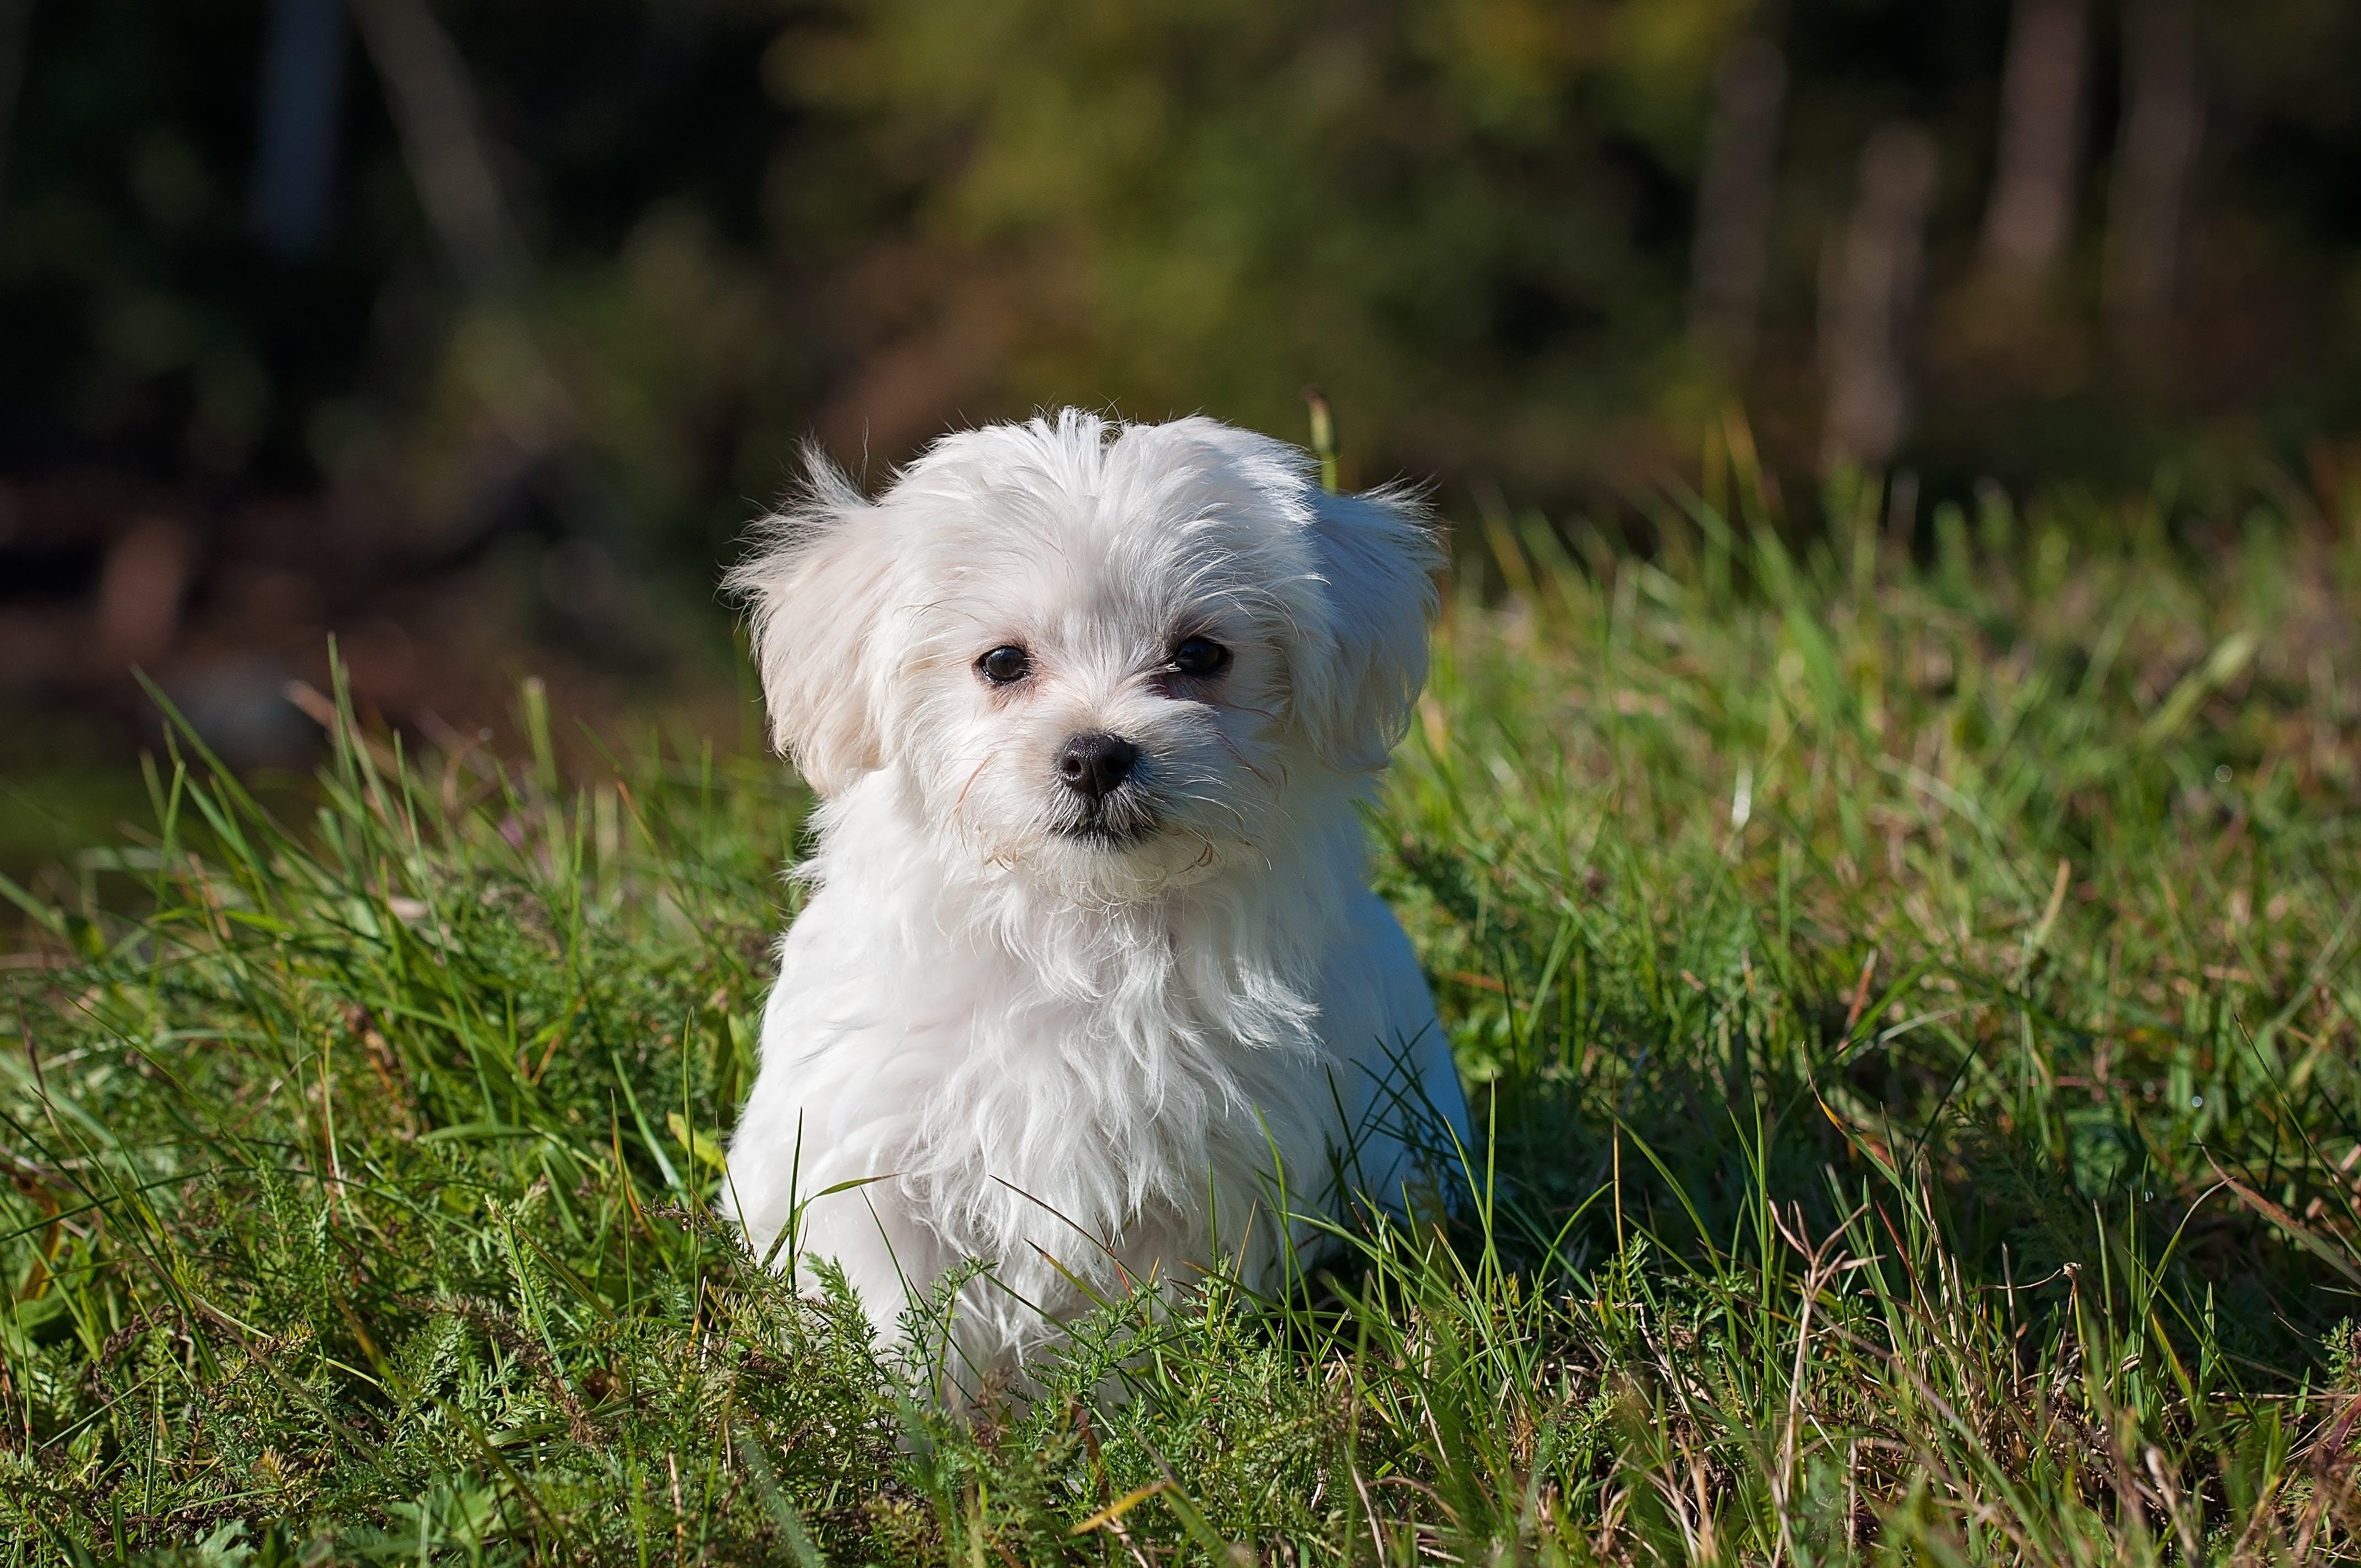 White Long Coated Dog on Grassland